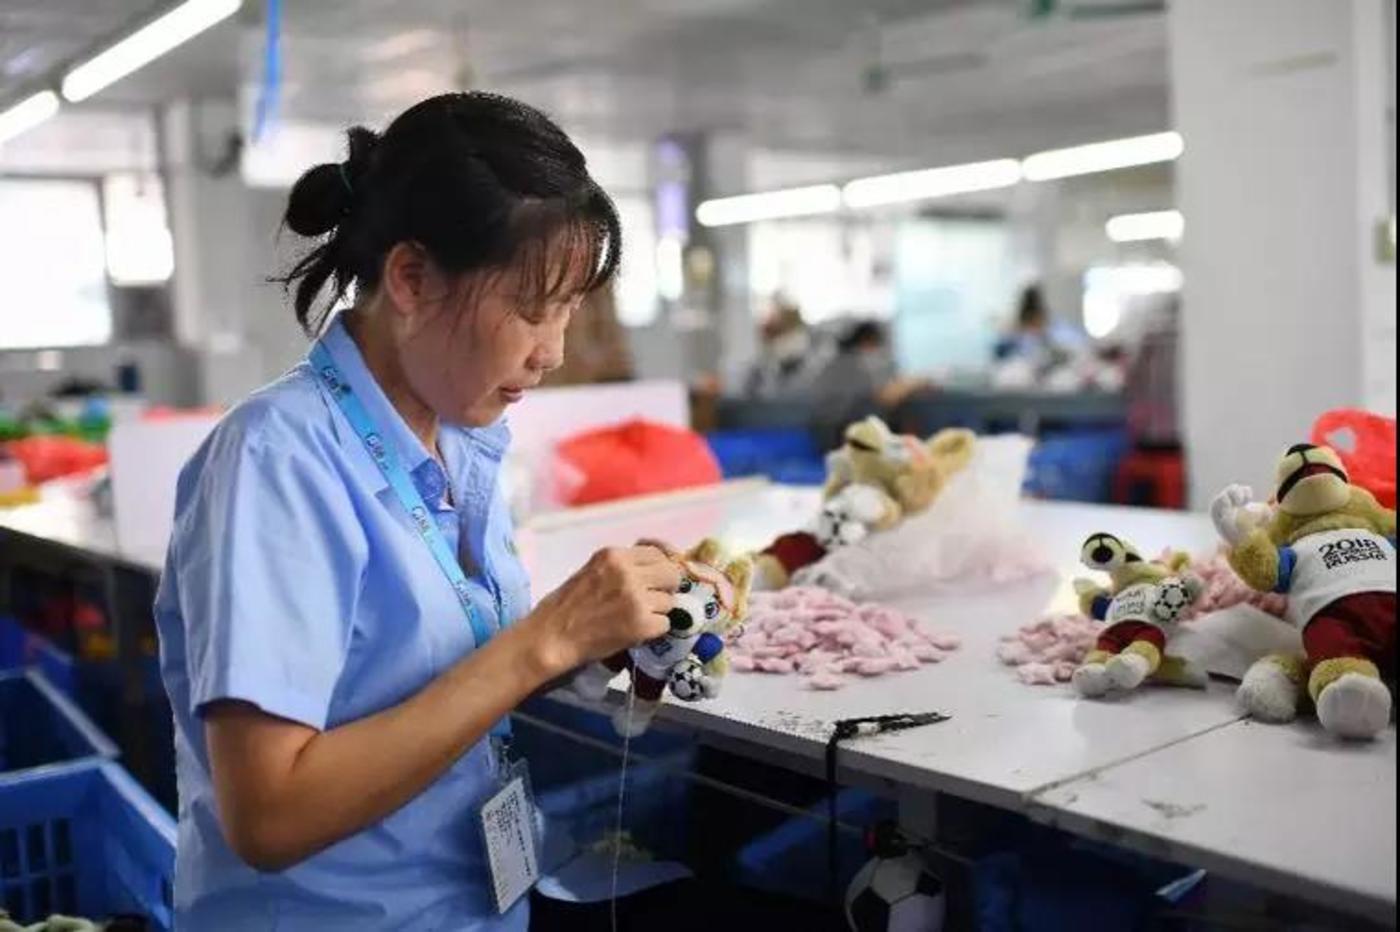 """刘爱敏在车间手工缝制世界杯吉祥物。中国10个省30多家制造商,与数千名缝制女工一起,在阿里巴巴的数据筛选和匹配下,成为""""Made in Internet(互联网制造)""""这个最新概念中的一环。(梁清 摄)"""